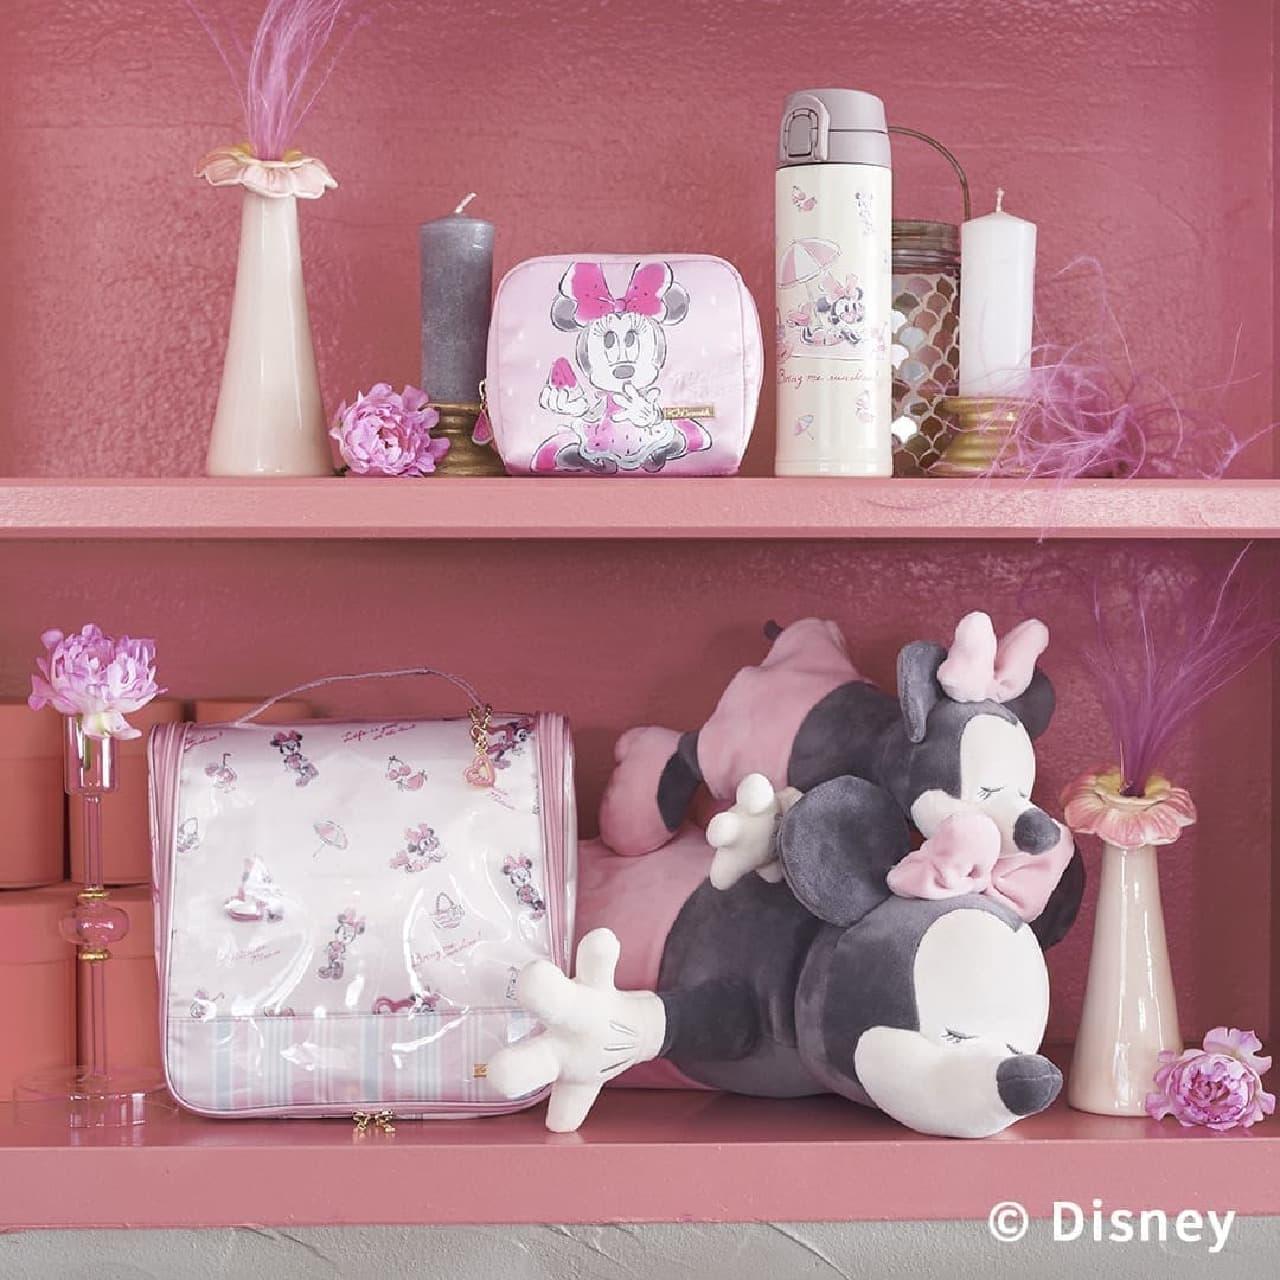 可愛いミニーのルームウェアやポーチがCocoonistから